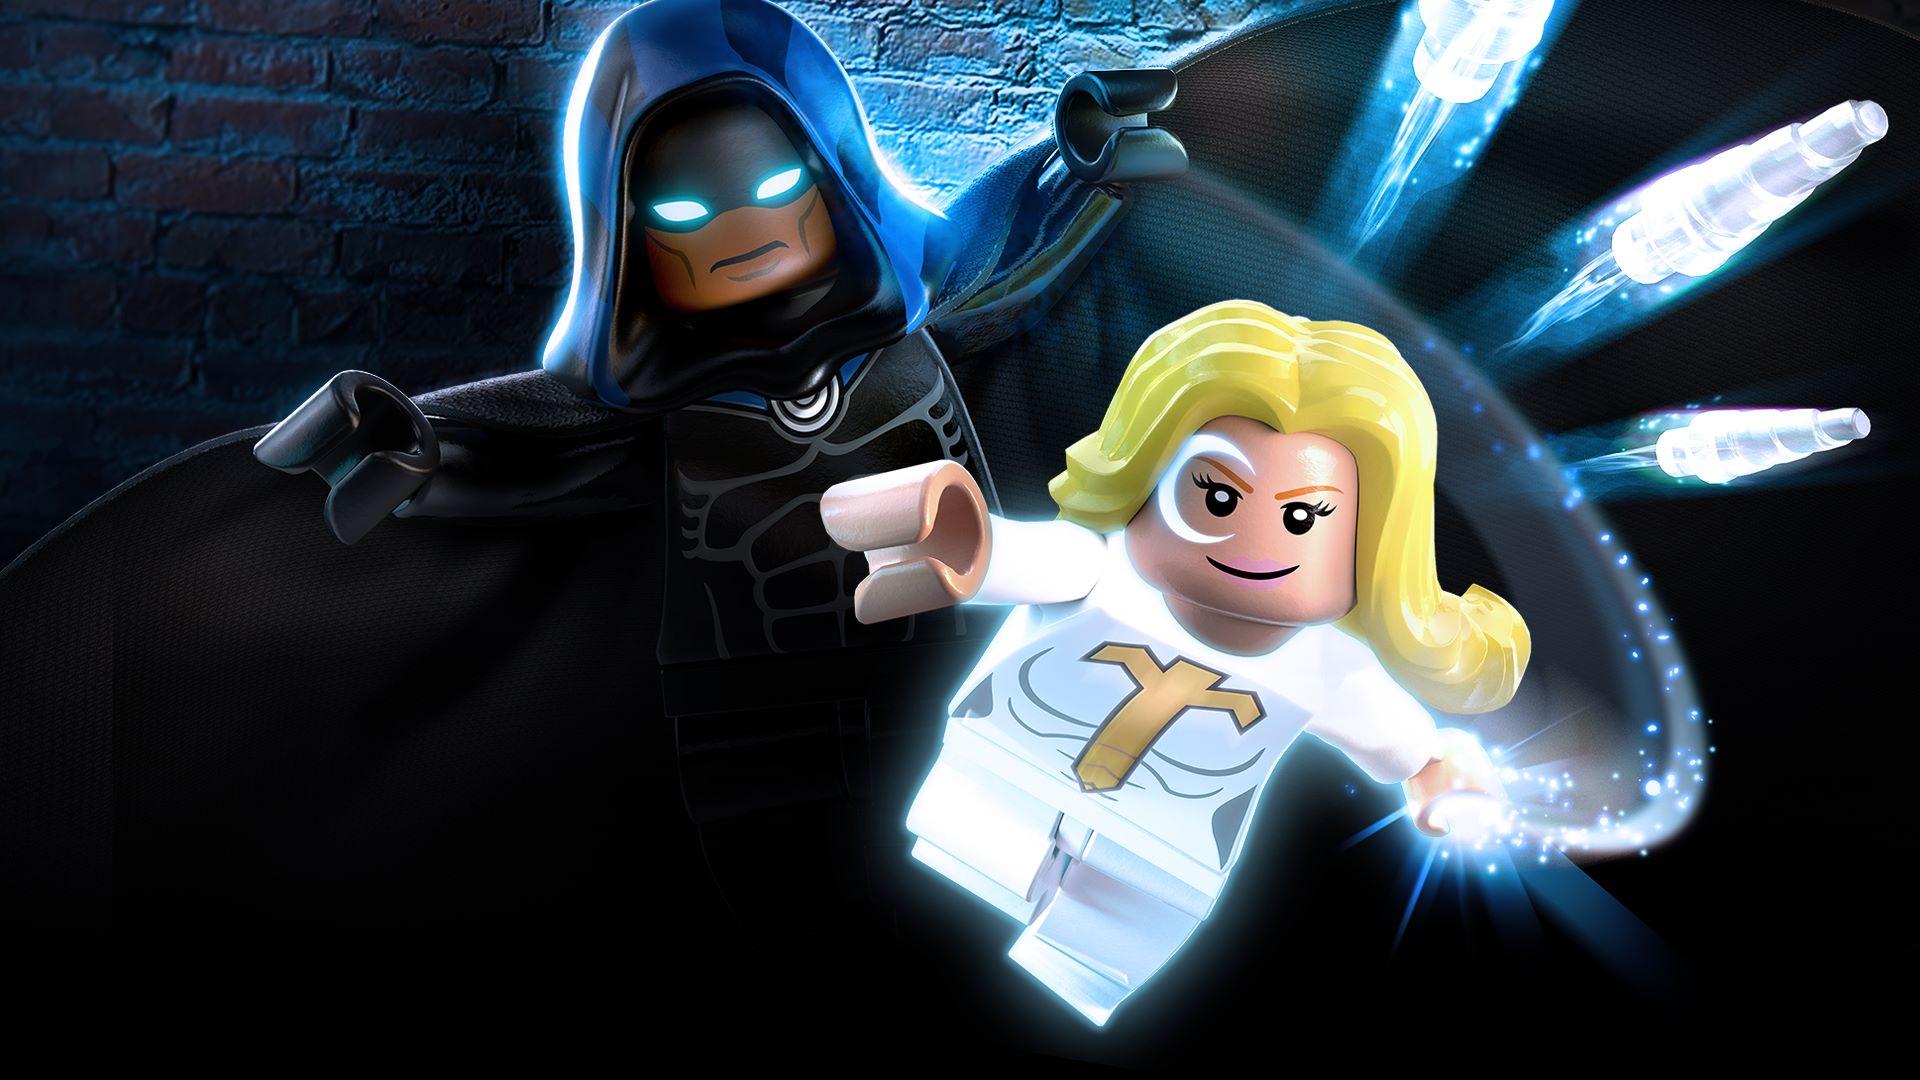 cloak und dagger character- und level-pack kaufen – microsoft store